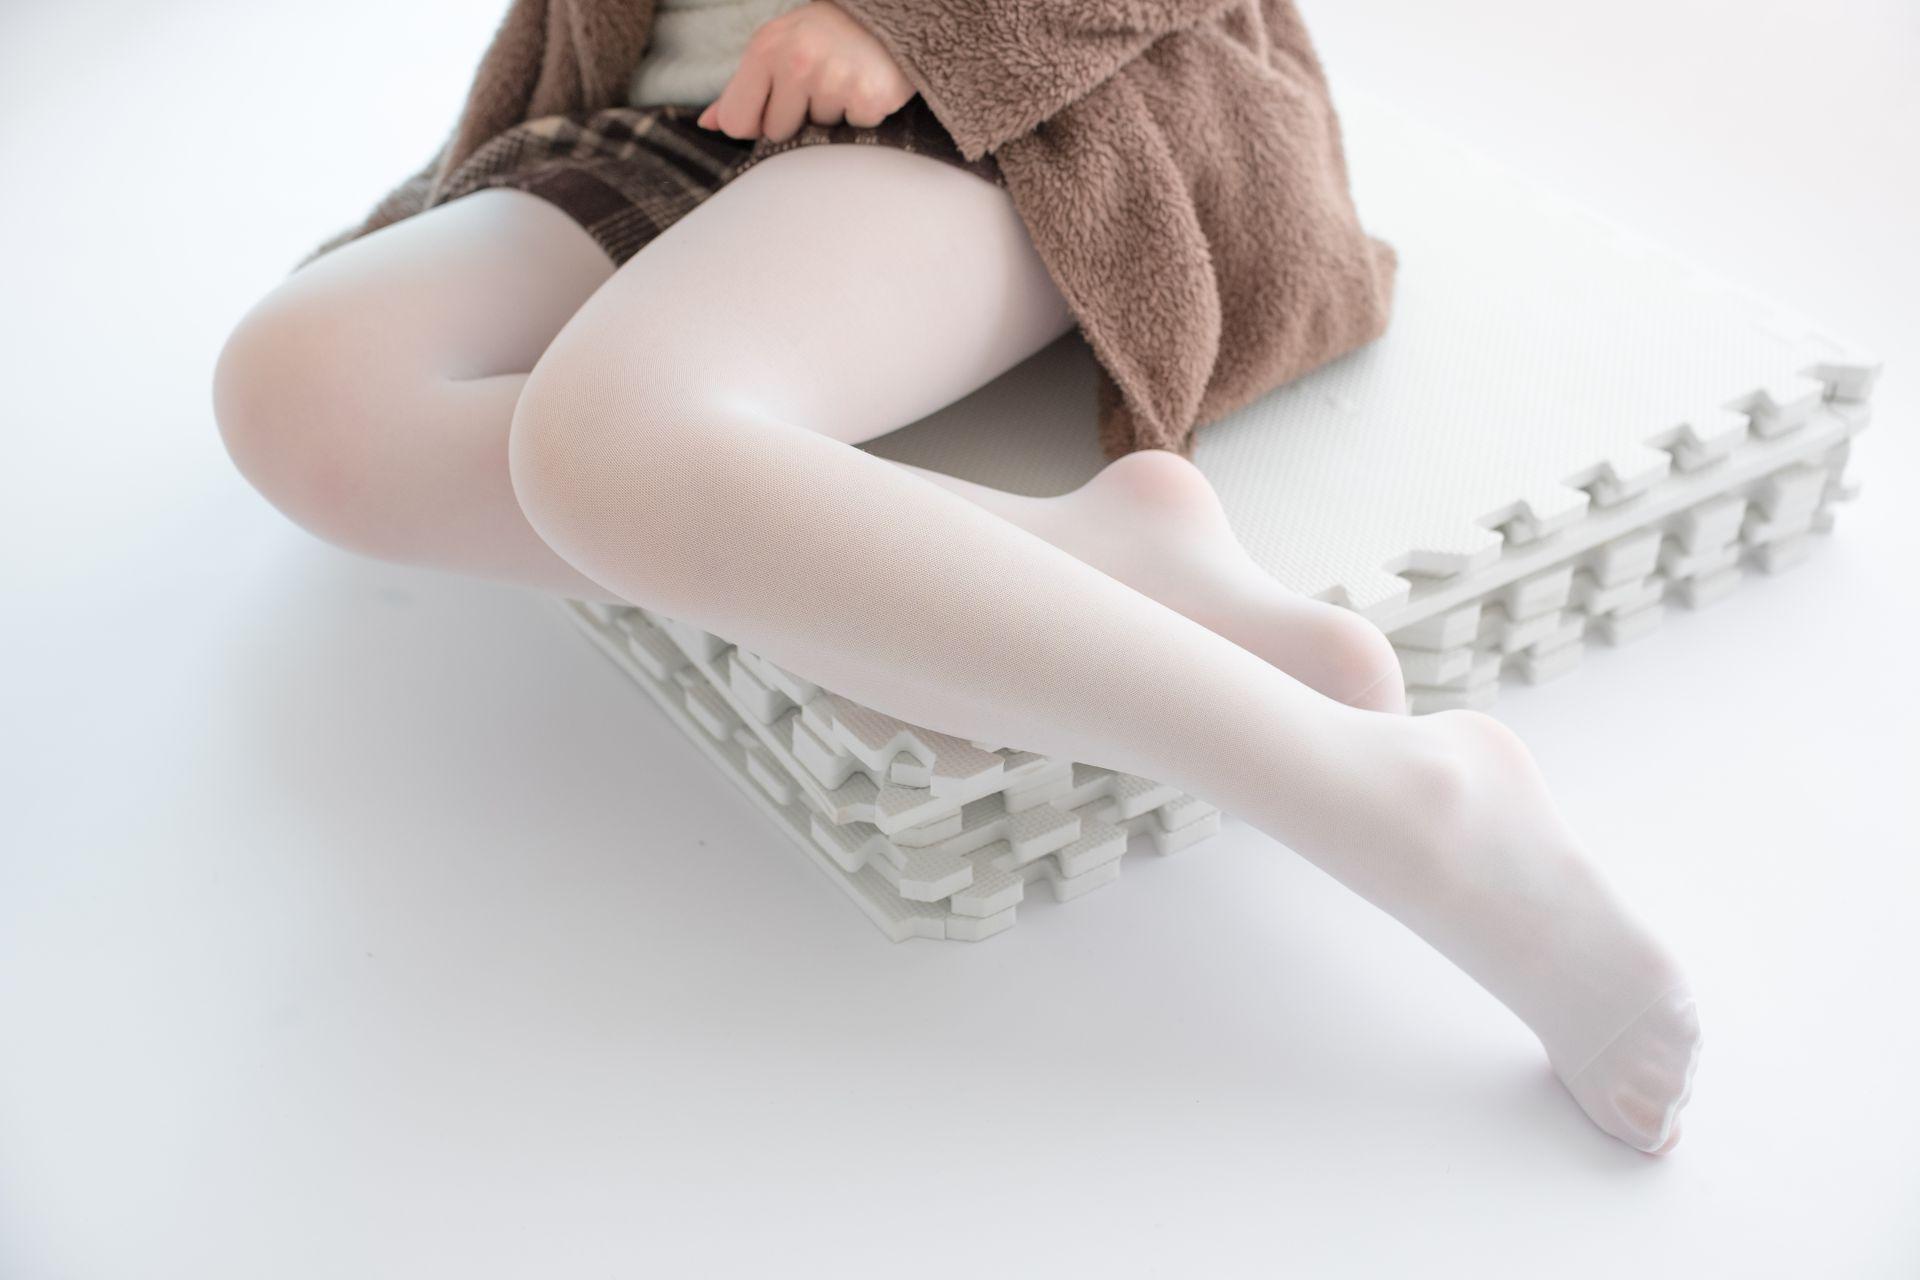 【森萝财团】森萝财团写真 – X-006 白丝·纯白诱惑 [99P-1V-1.66GB] X系列 第4张